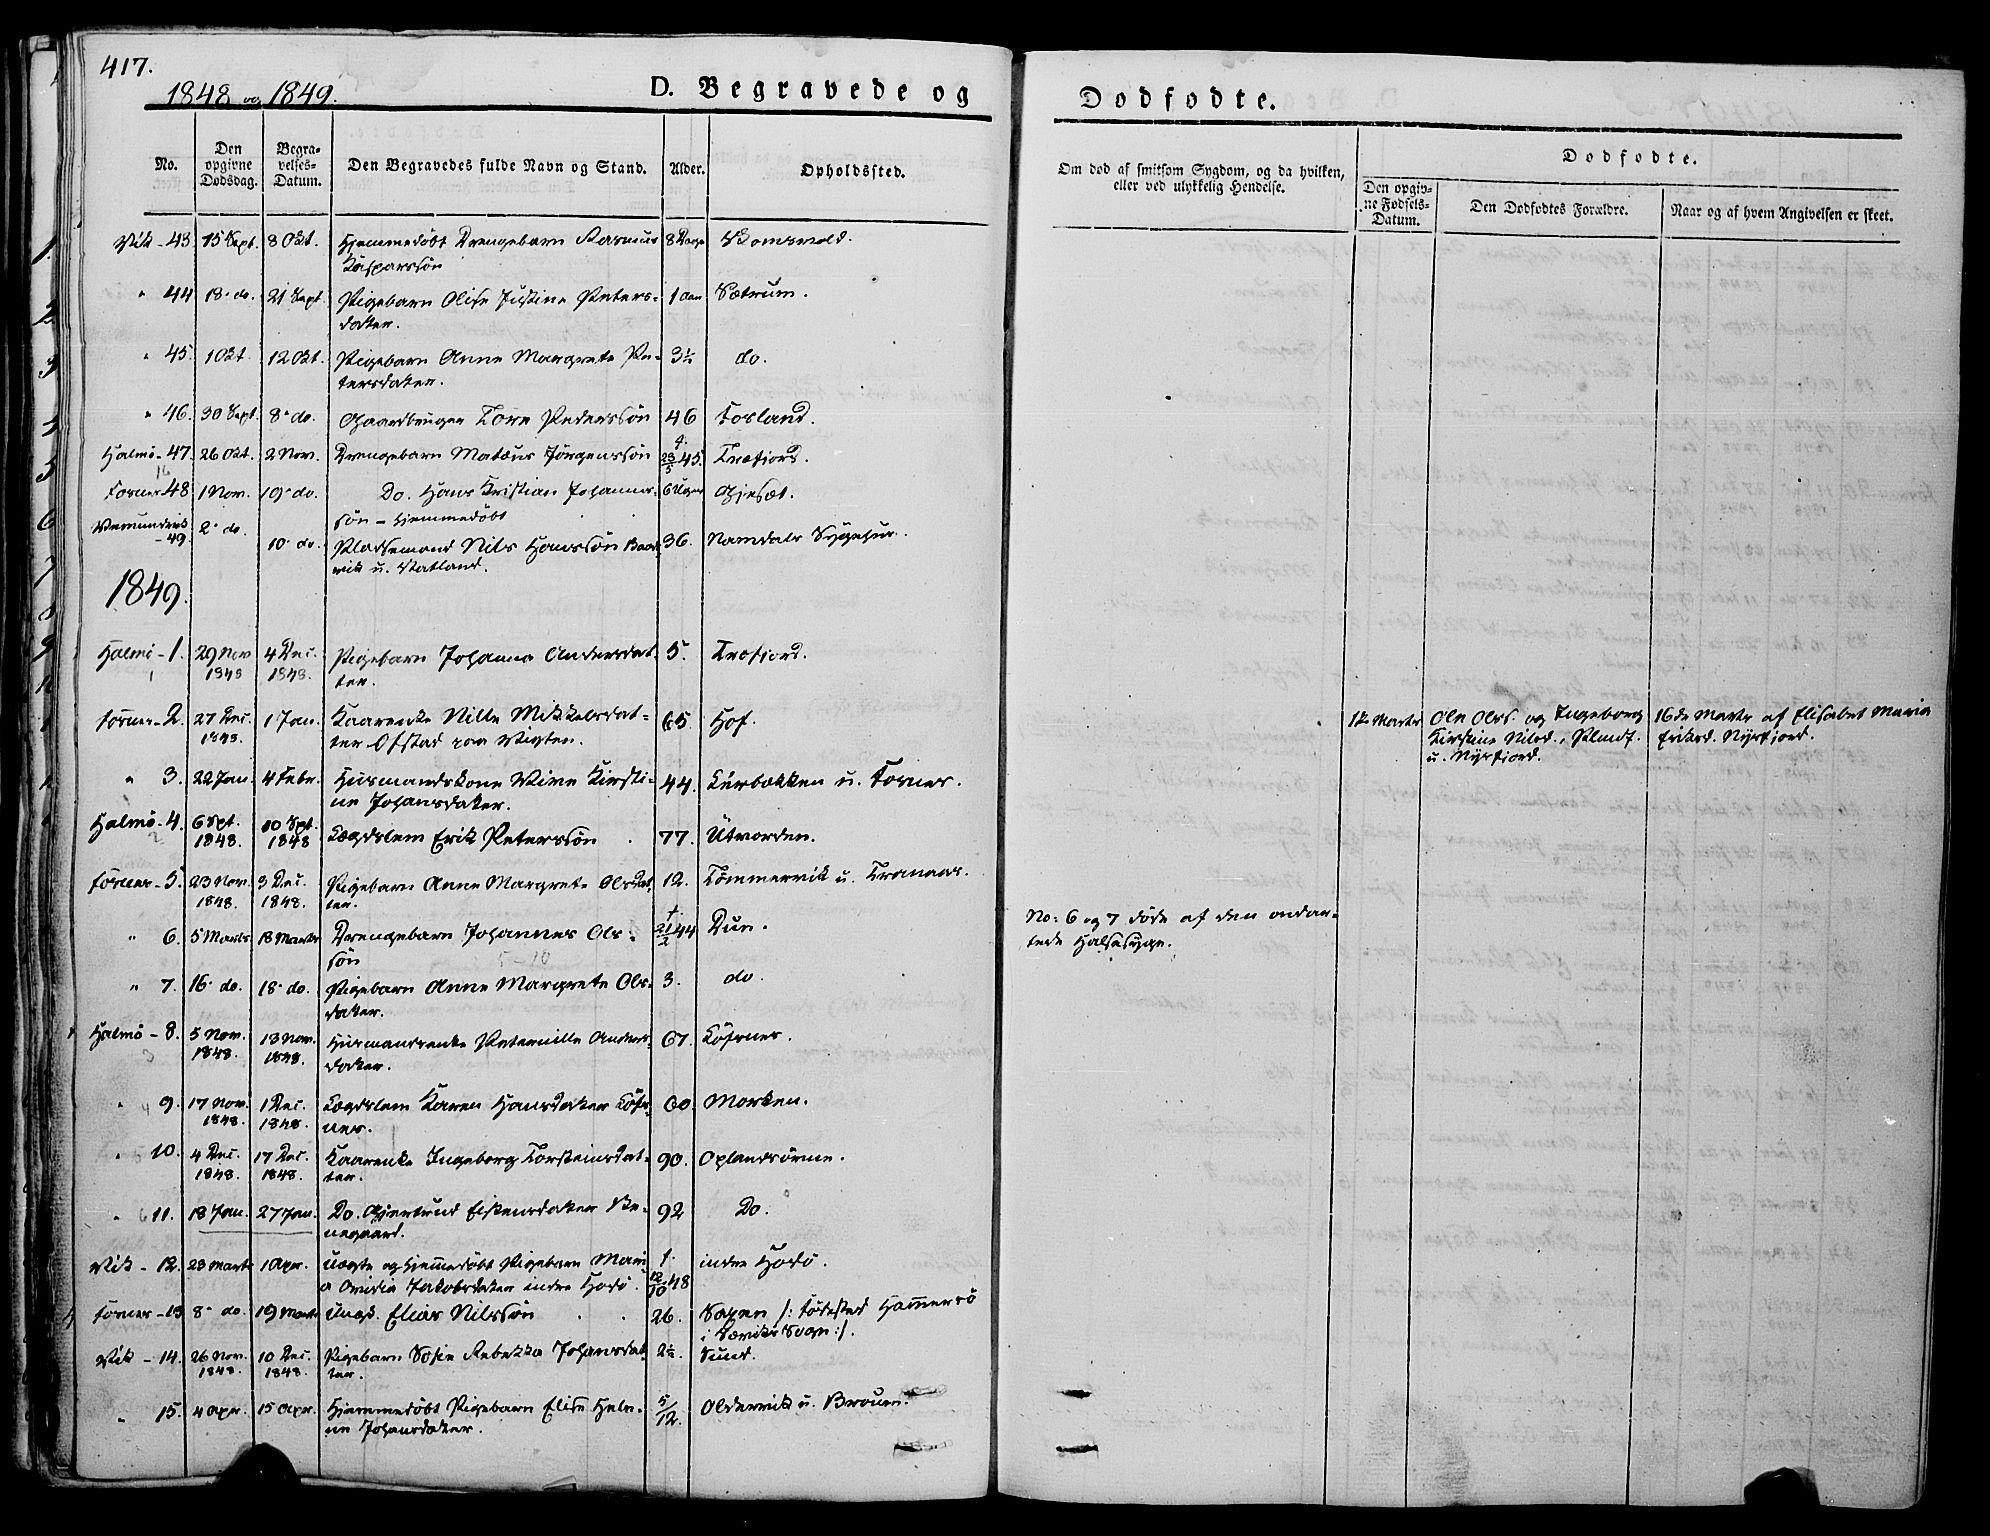 SAT, Ministerialprotokoller, klokkerbøker og fødselsregistre - Nord-Trøndelag, 773/L0614: Ministerialbok nr. 773A05, 1831-1856, s. 417